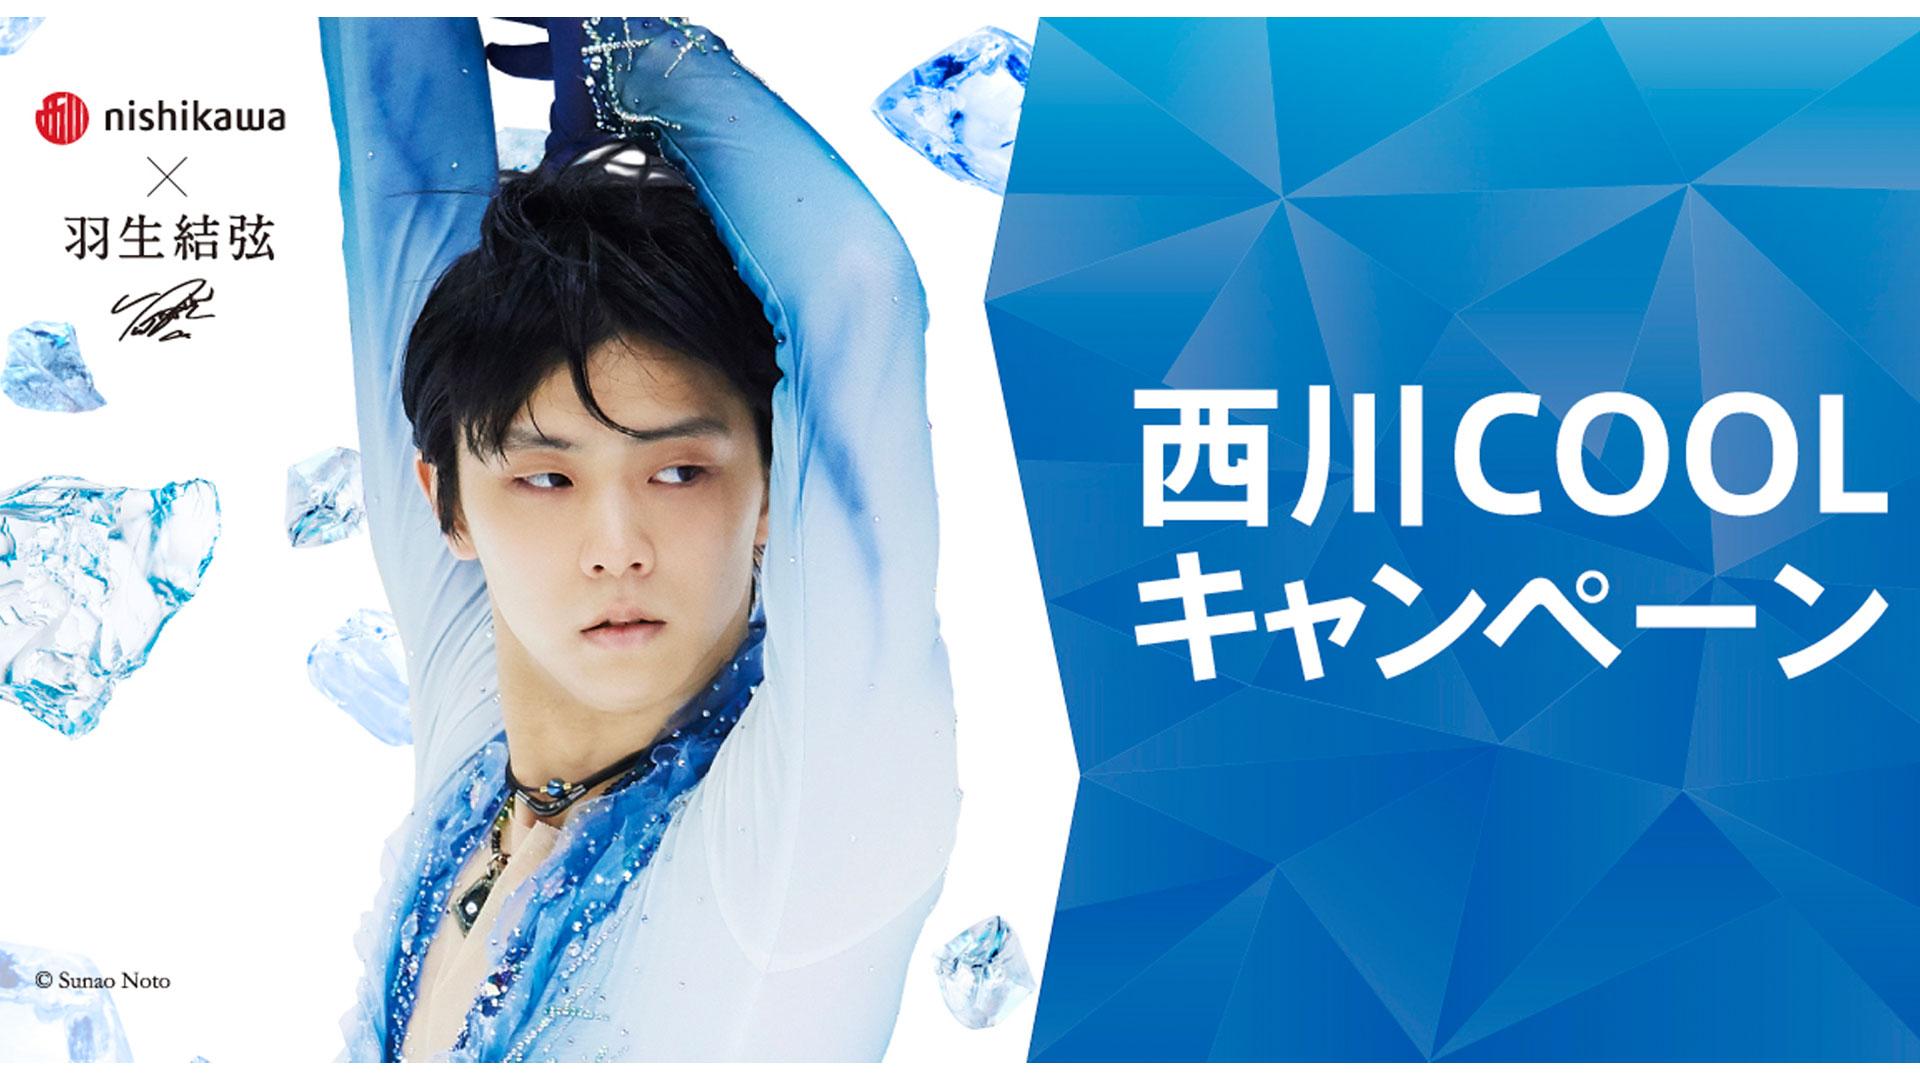 【羽生結弦選手を起用『西川 COOL キャンペーン』】他、新着トレンド6月14日